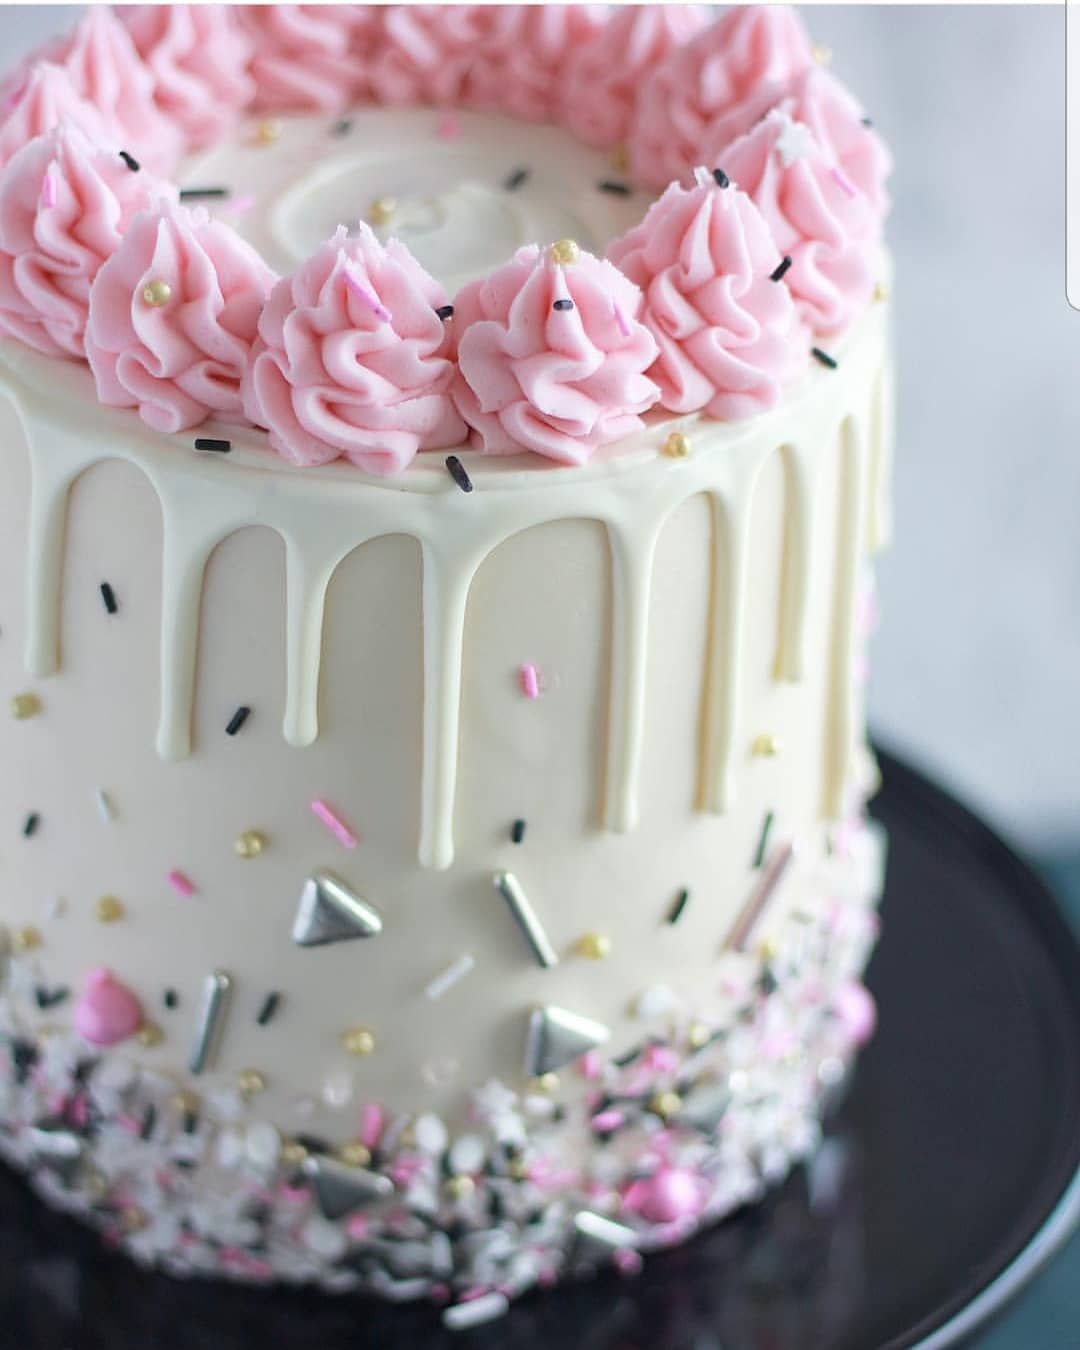 Pin Von Sassi 3 Auf Drip Cakes Kuchen Ideen Cupcake Kuchen Tropfkuchen